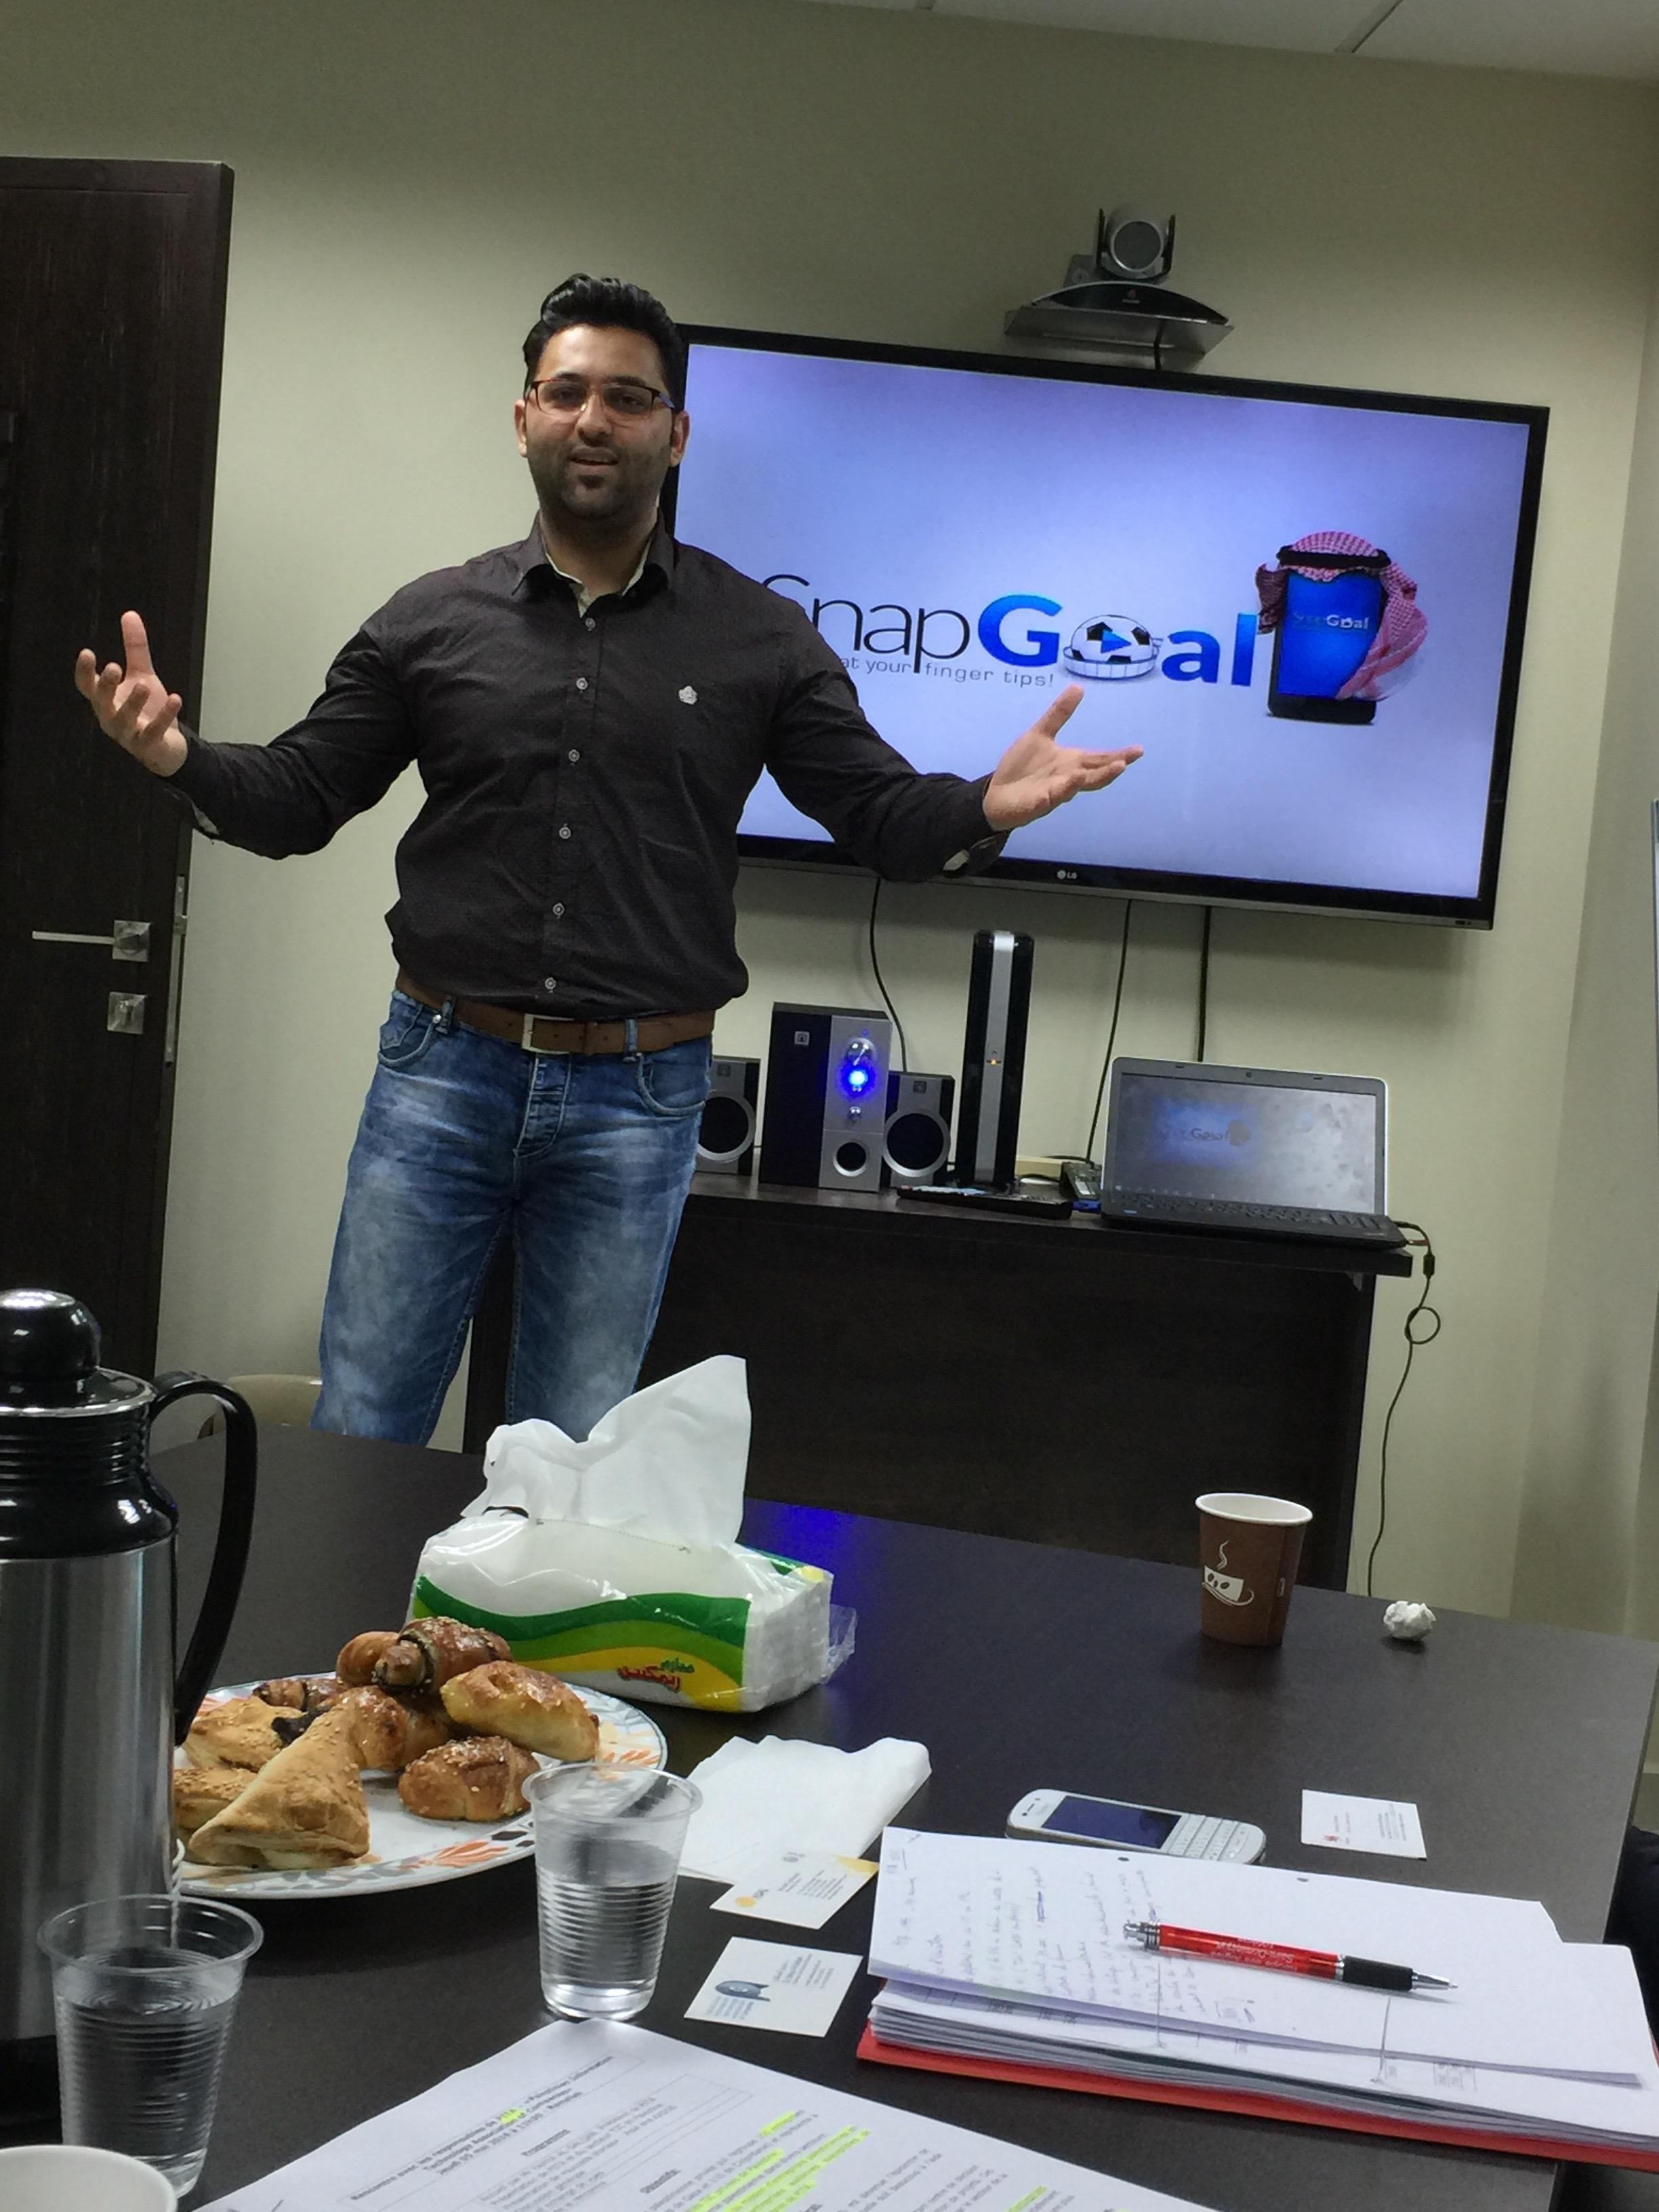 Un jeune entrepreneur palestinien nous présente son projet